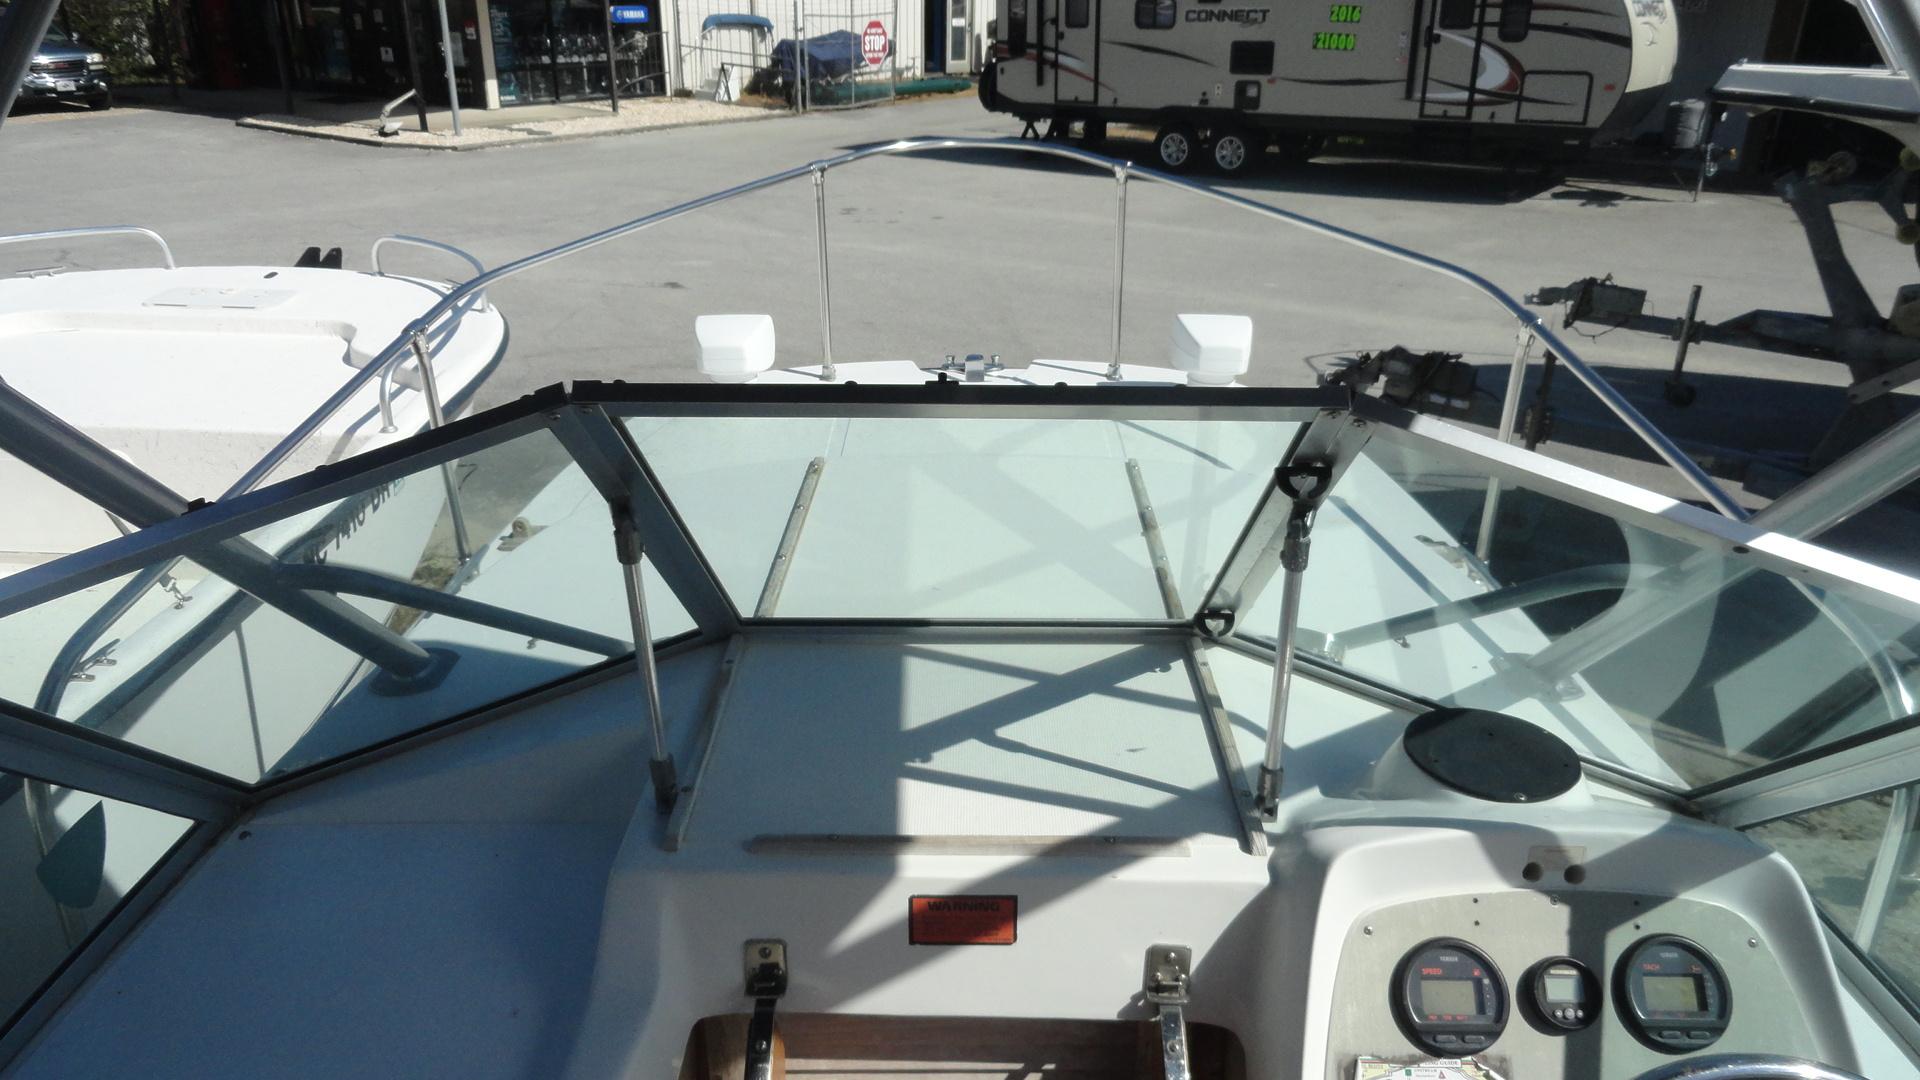 https://0201.nccdn.net/1_2/000/000/179/adb/Dorsett--Inside-front-of-boat-1920x1080.jpg